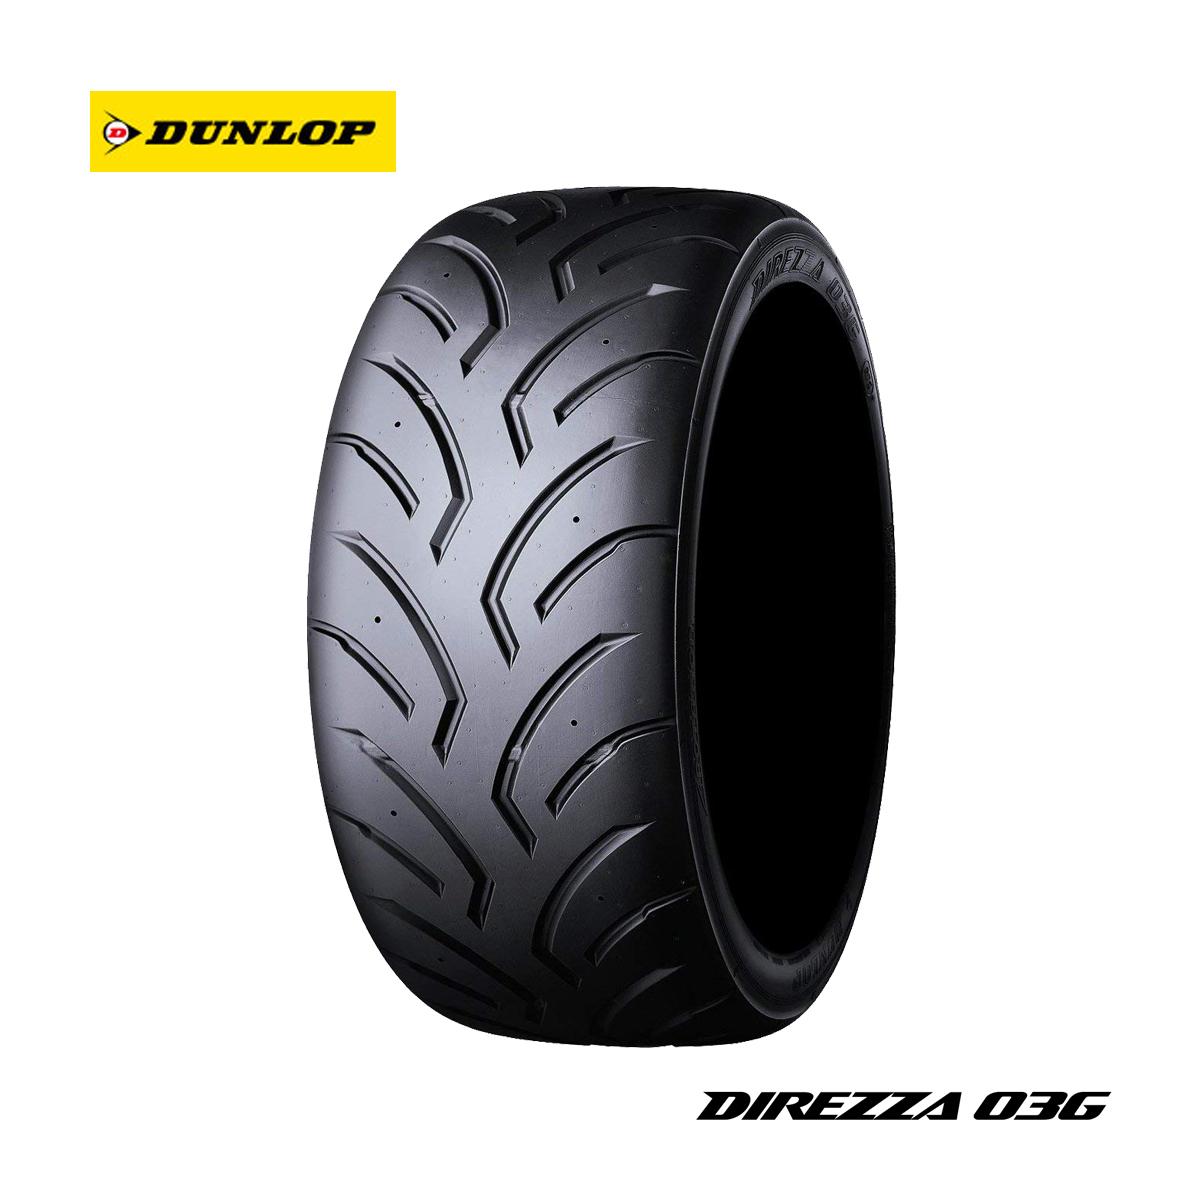 DUNLOP ダンロップ Sタイヤ ハイグリップ モータースポーツ 4本 セット 18インチ 255/35R18 DIREZZA ディレッツァ 03G コンパウンド R2